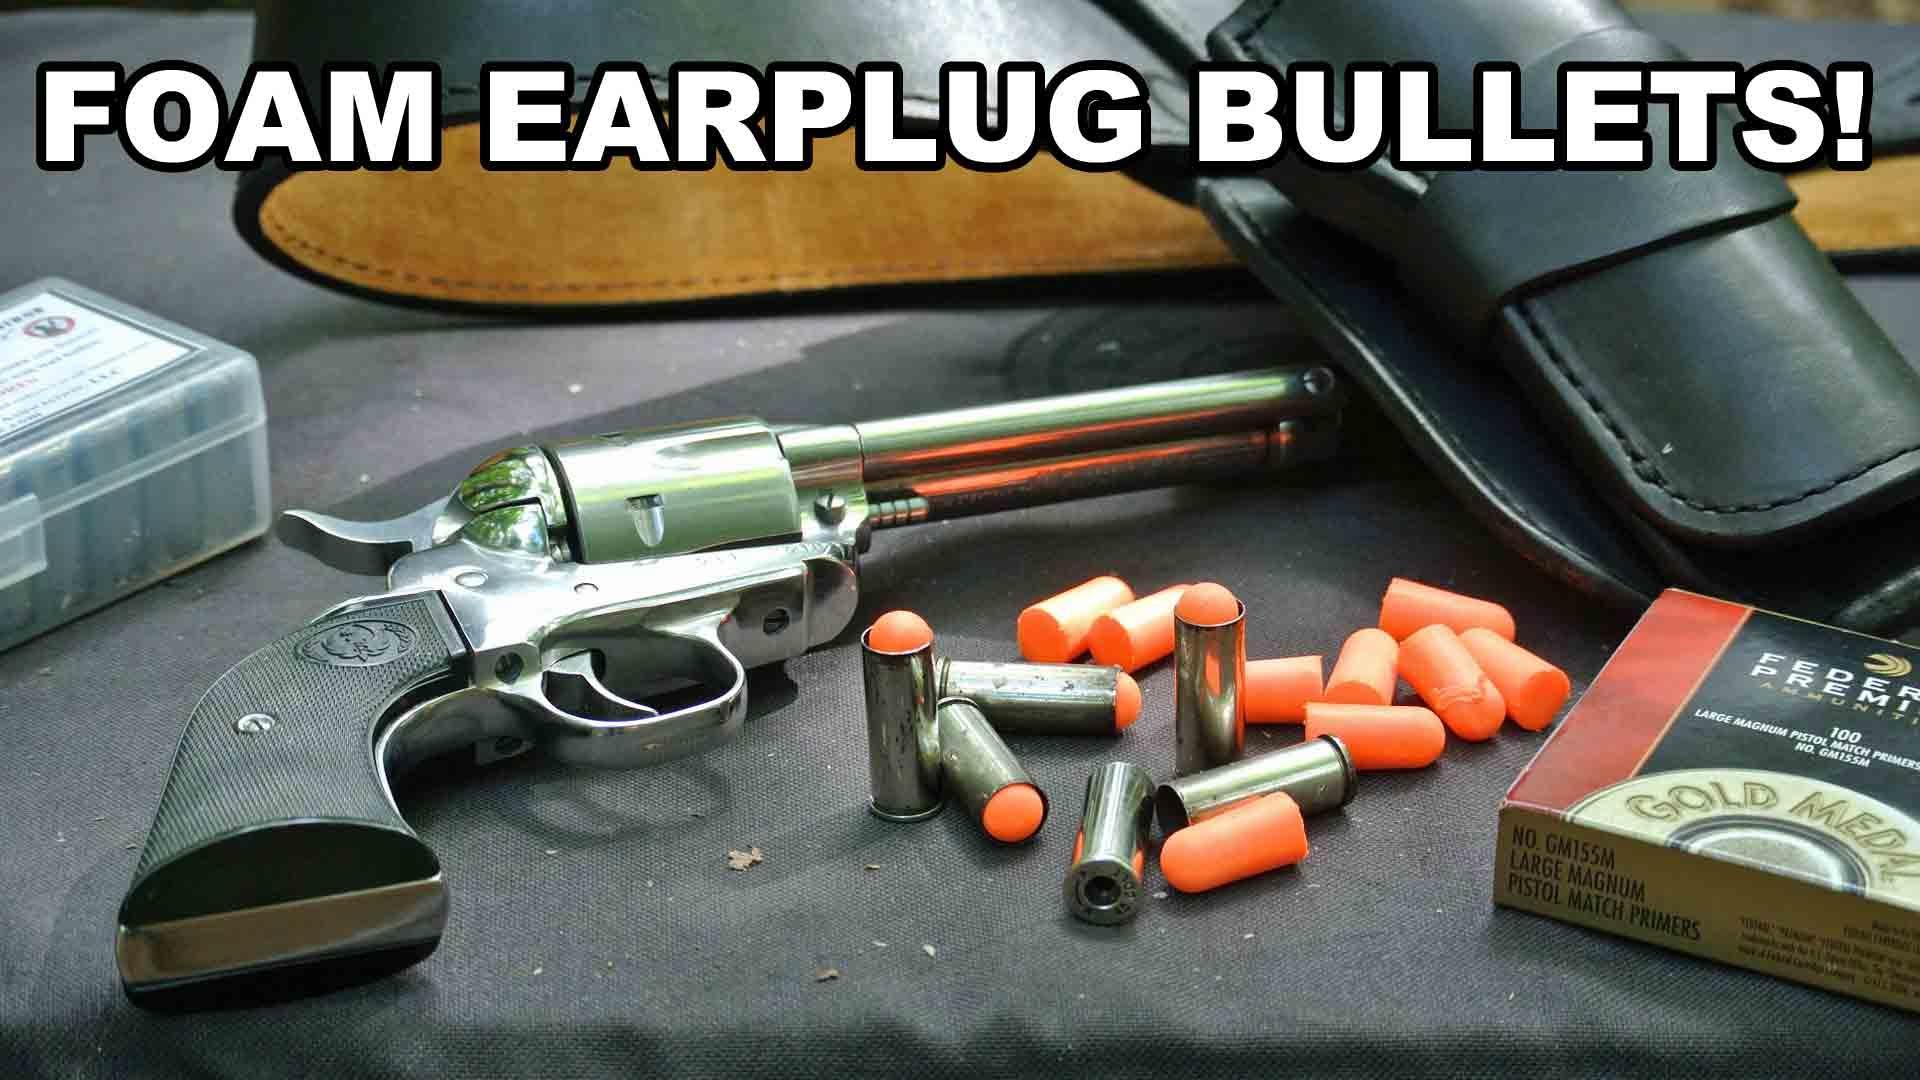 Foam Earplug Bullets